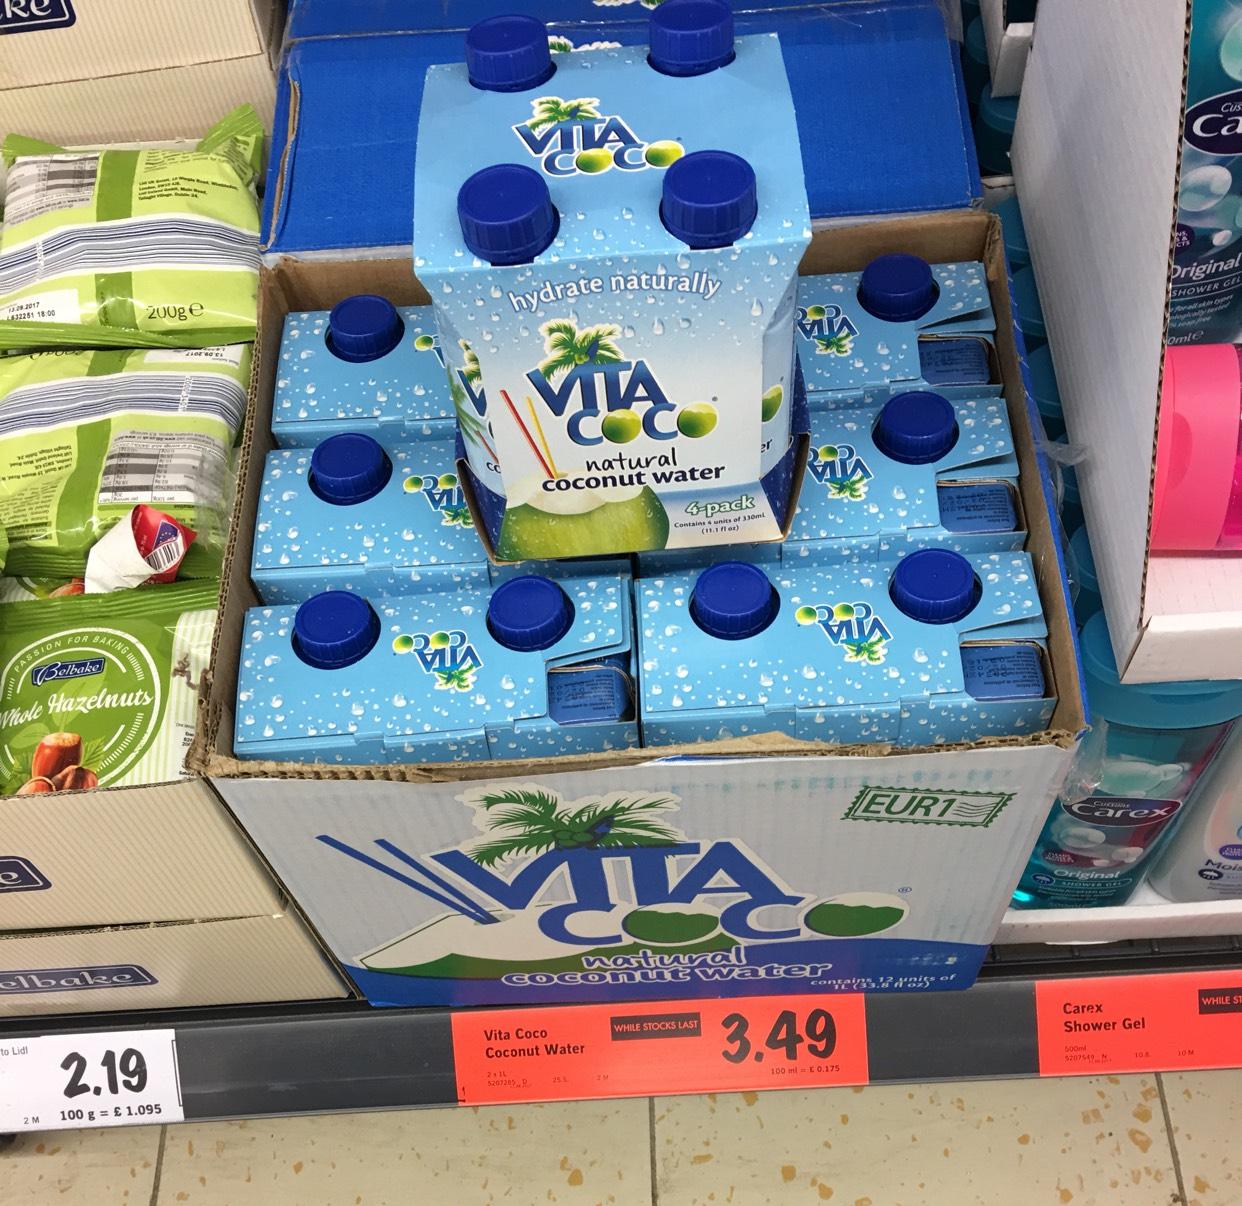 Vita Coconut Water 330ml 4-Pack / LIDL / £3.49